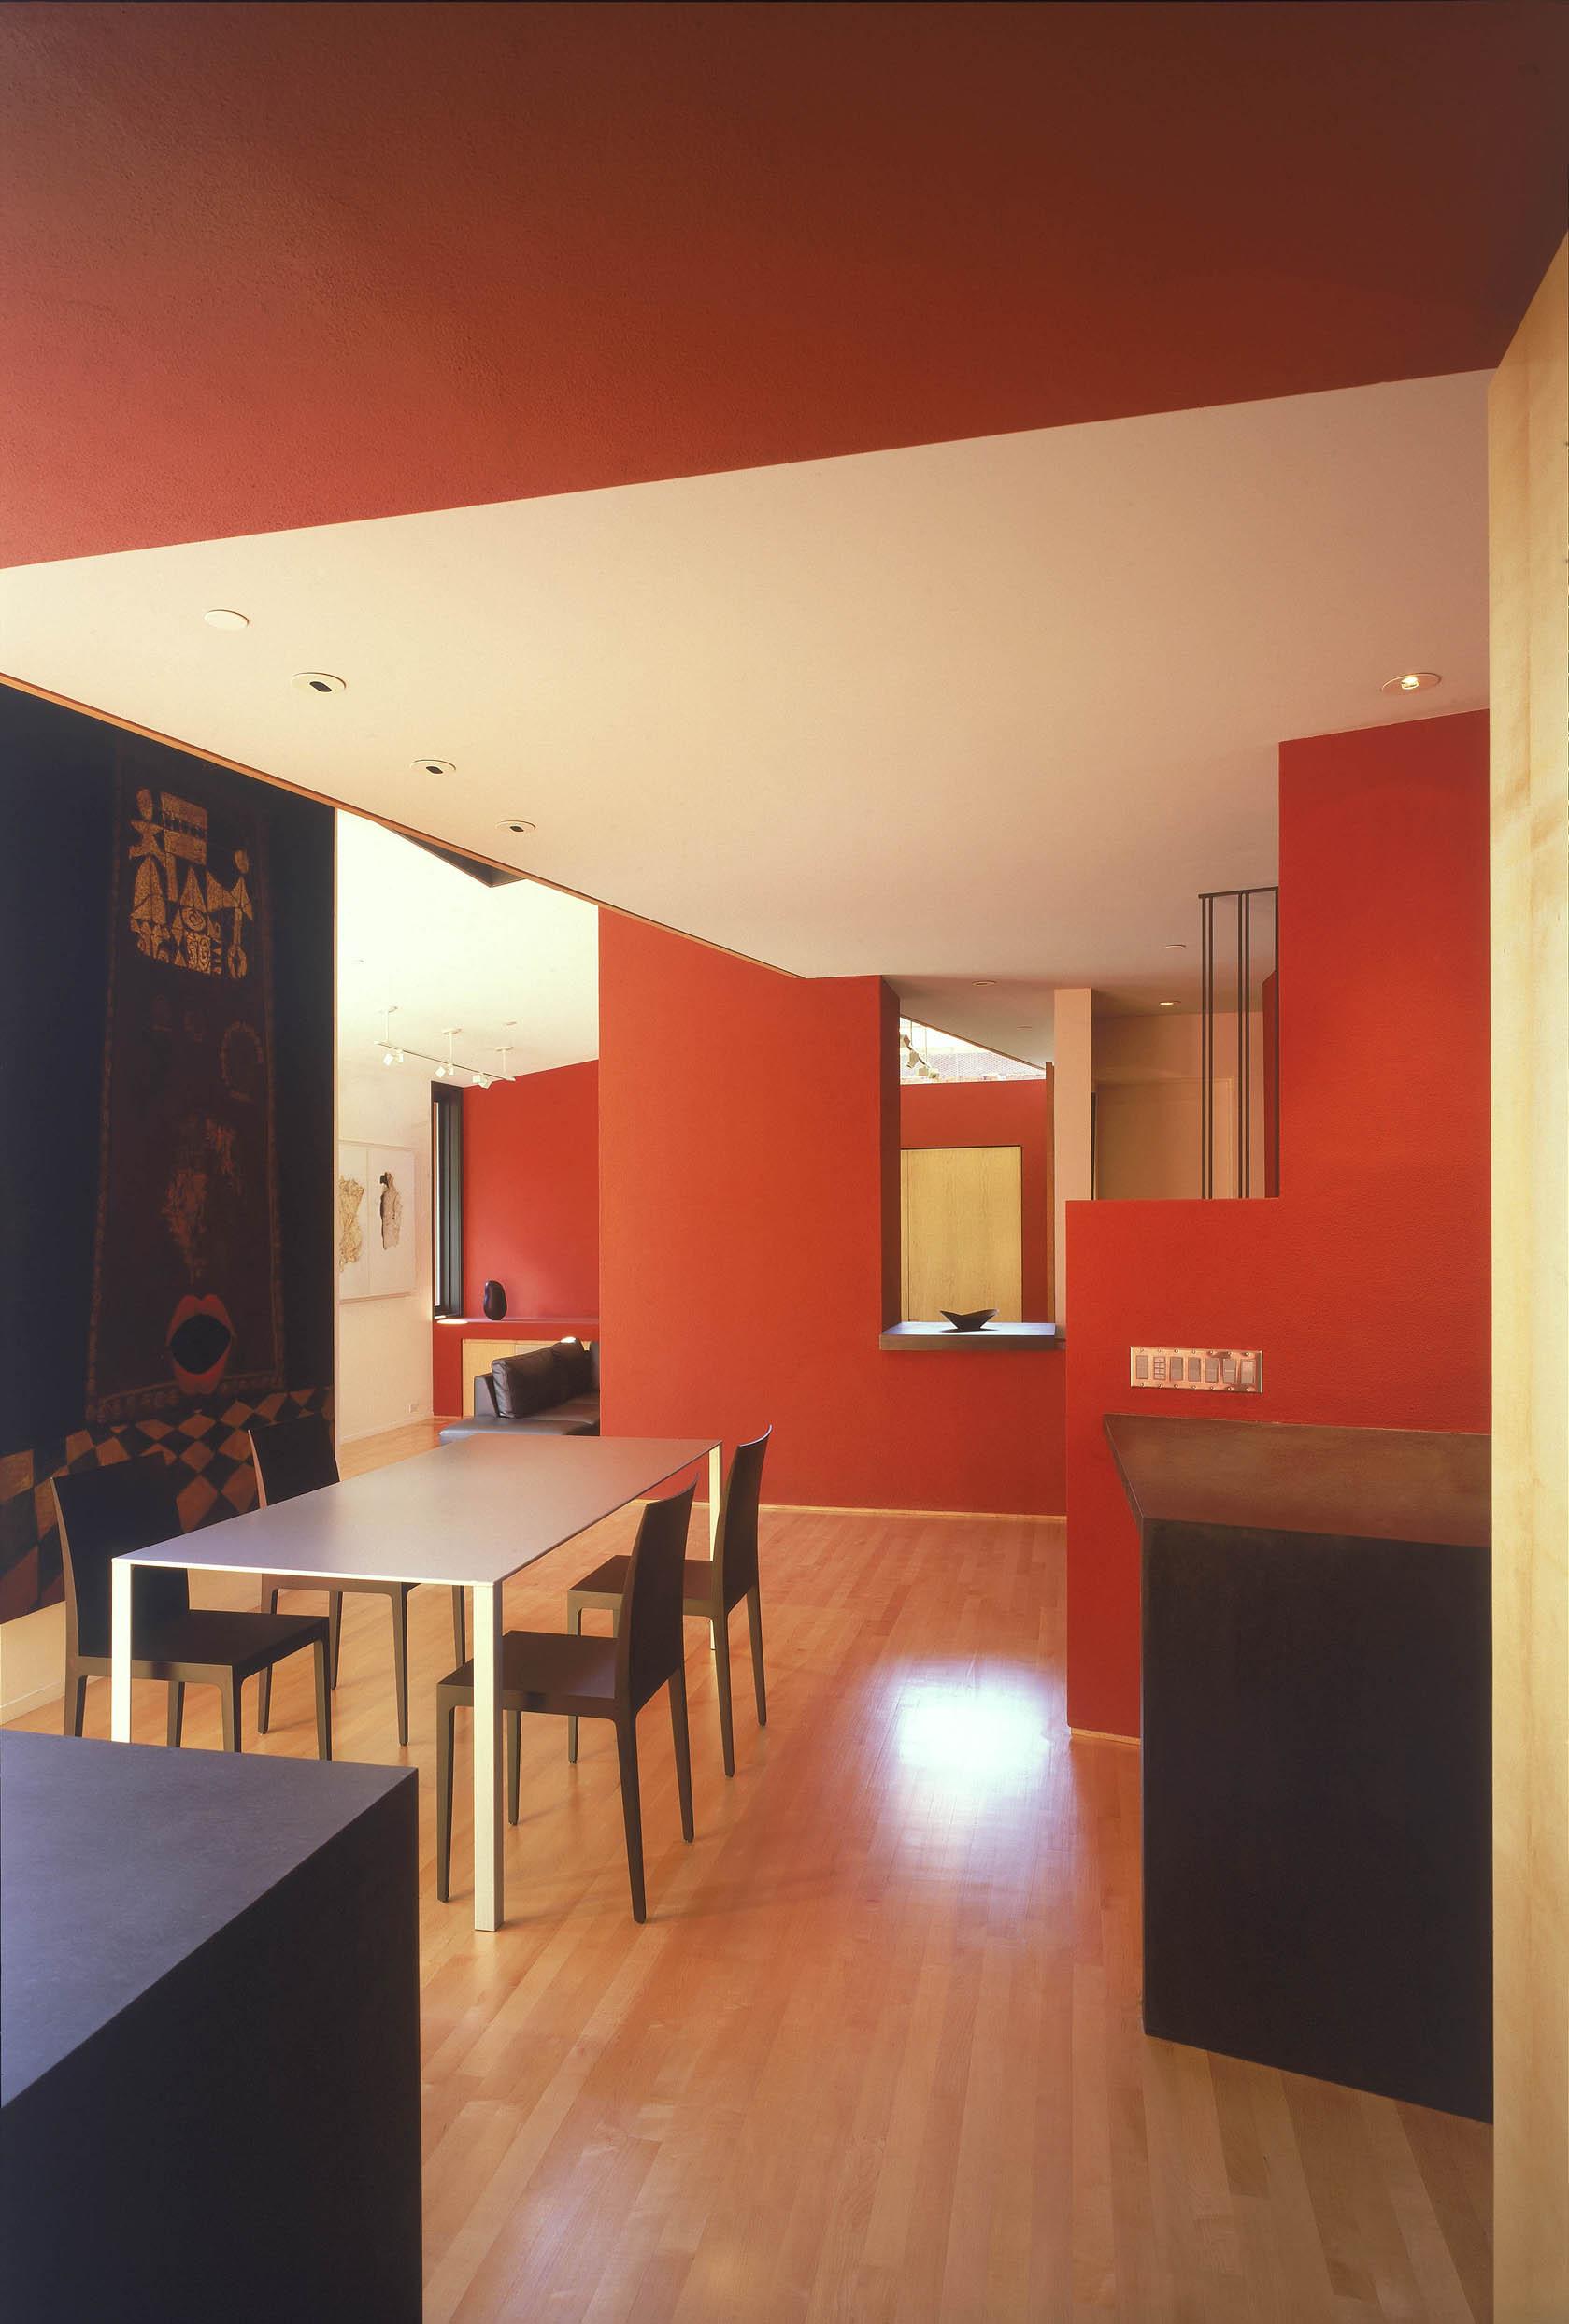 15 Indoor_05 small.jpg